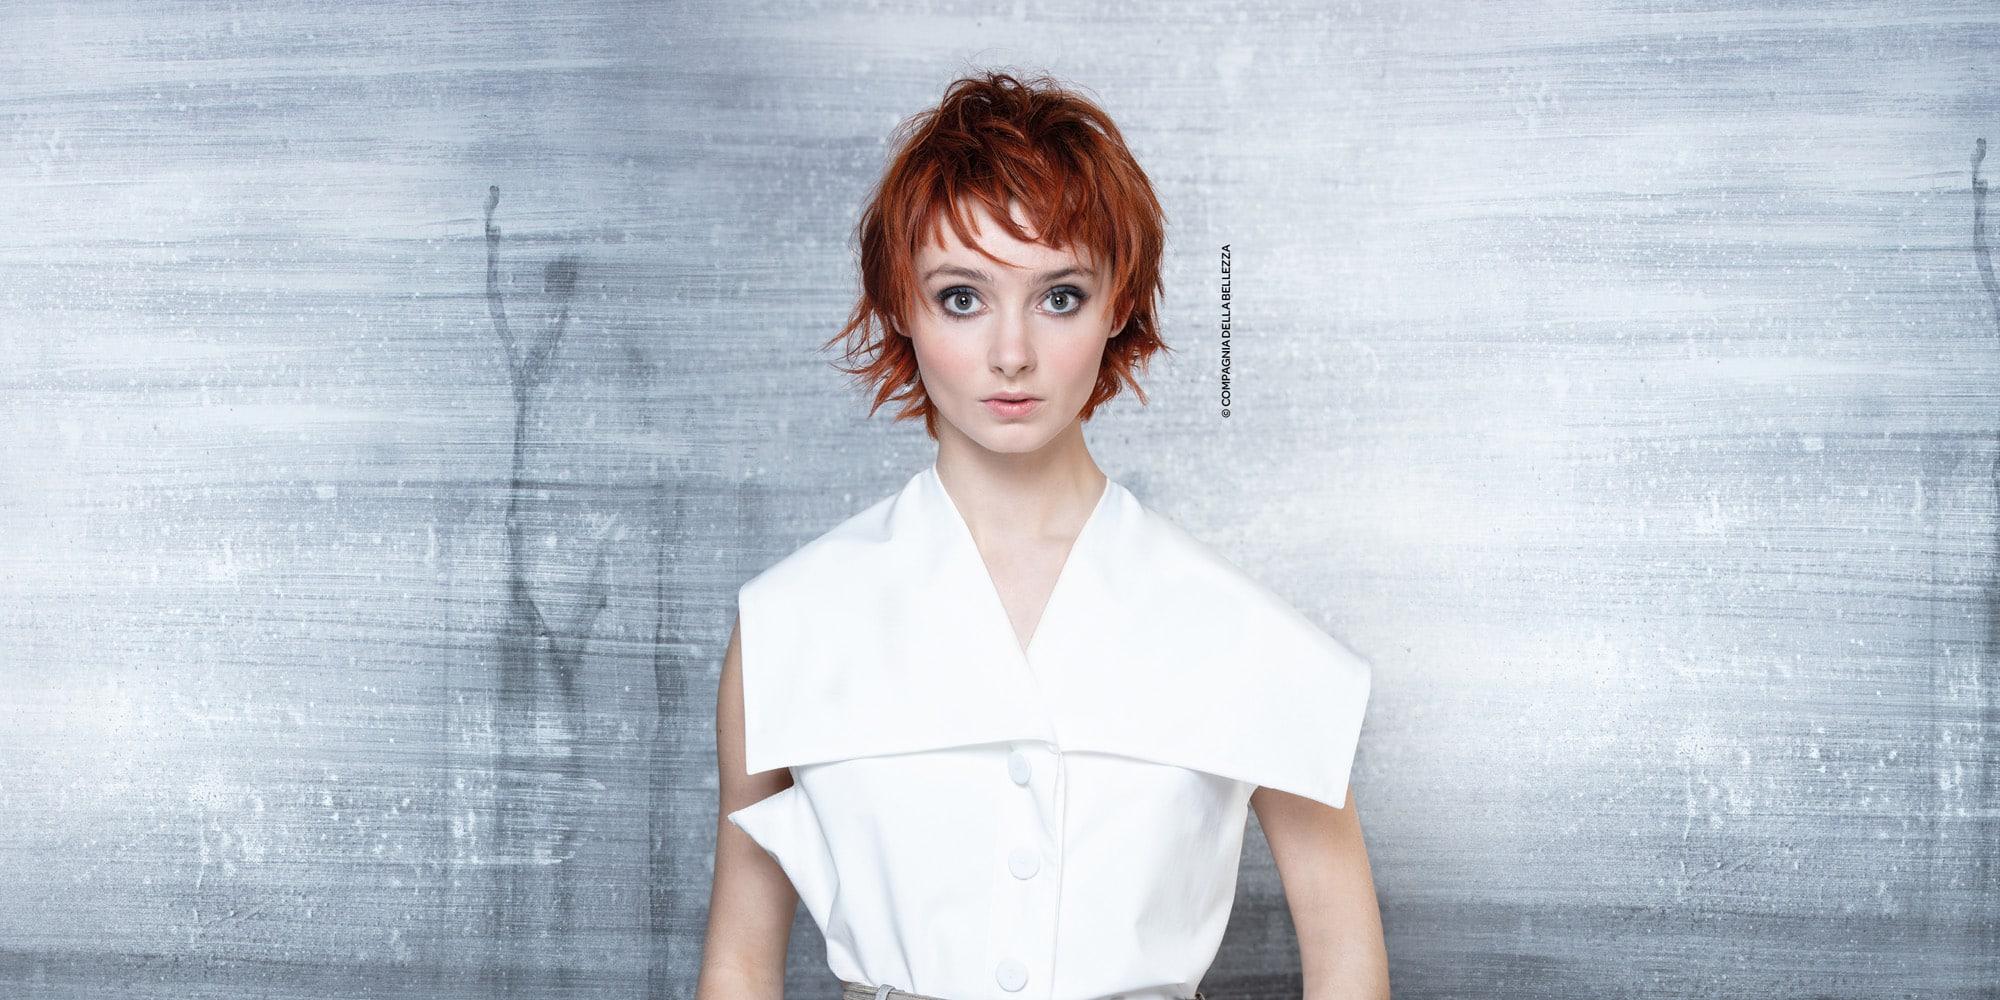 Sweet Personality Cut - Face Code - Collezione Tagli Capelli Primavera Estate 2019 © Compagnia Della Bellezza